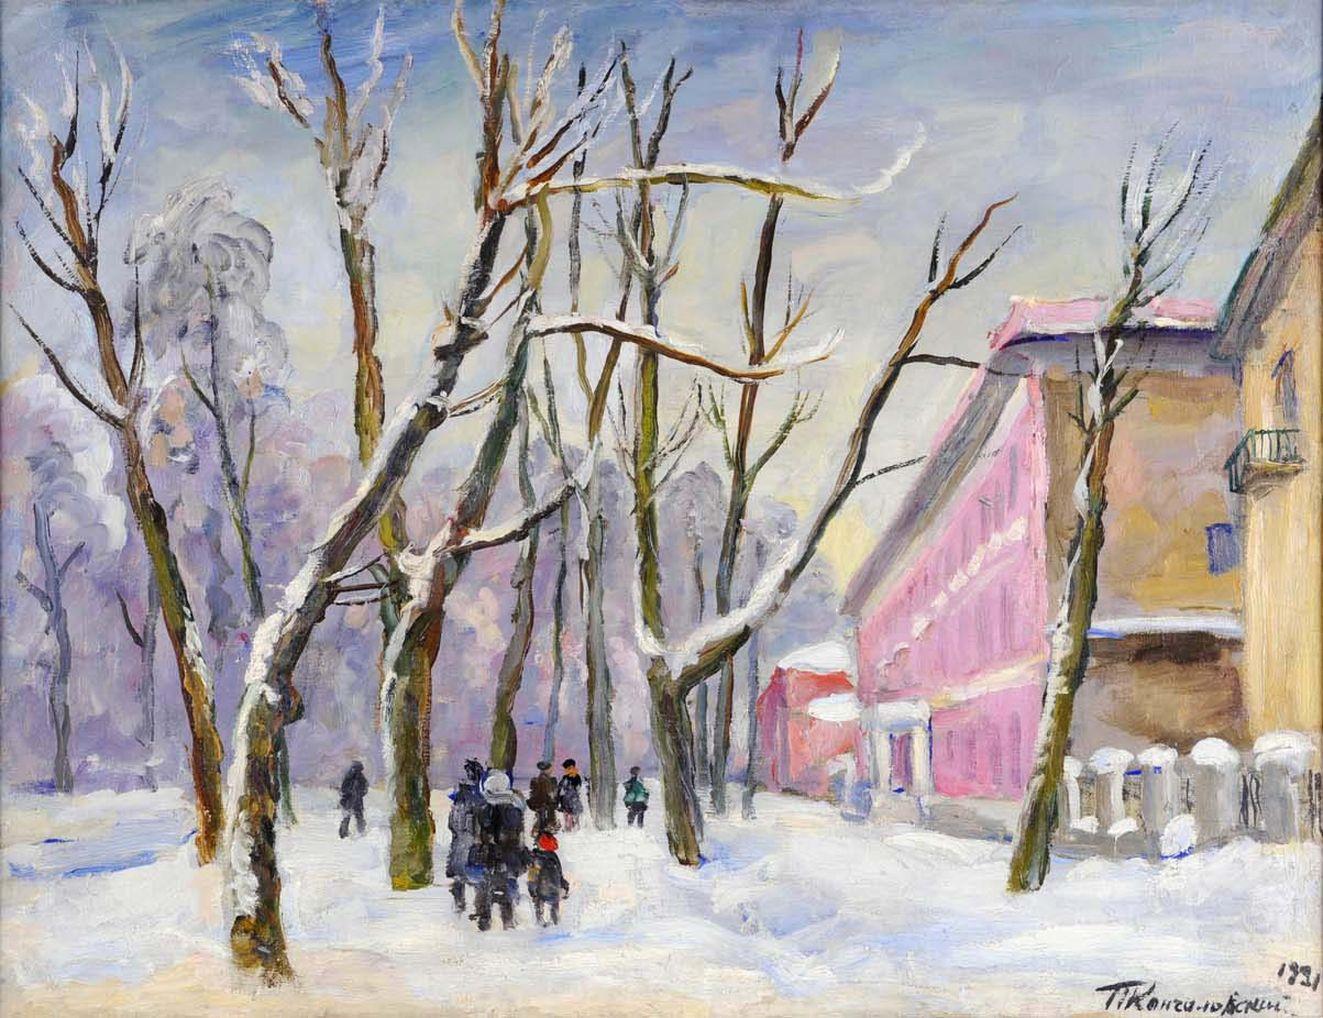 Петр Кончаловский. Большая Садовая. Розовый дом. 1931.